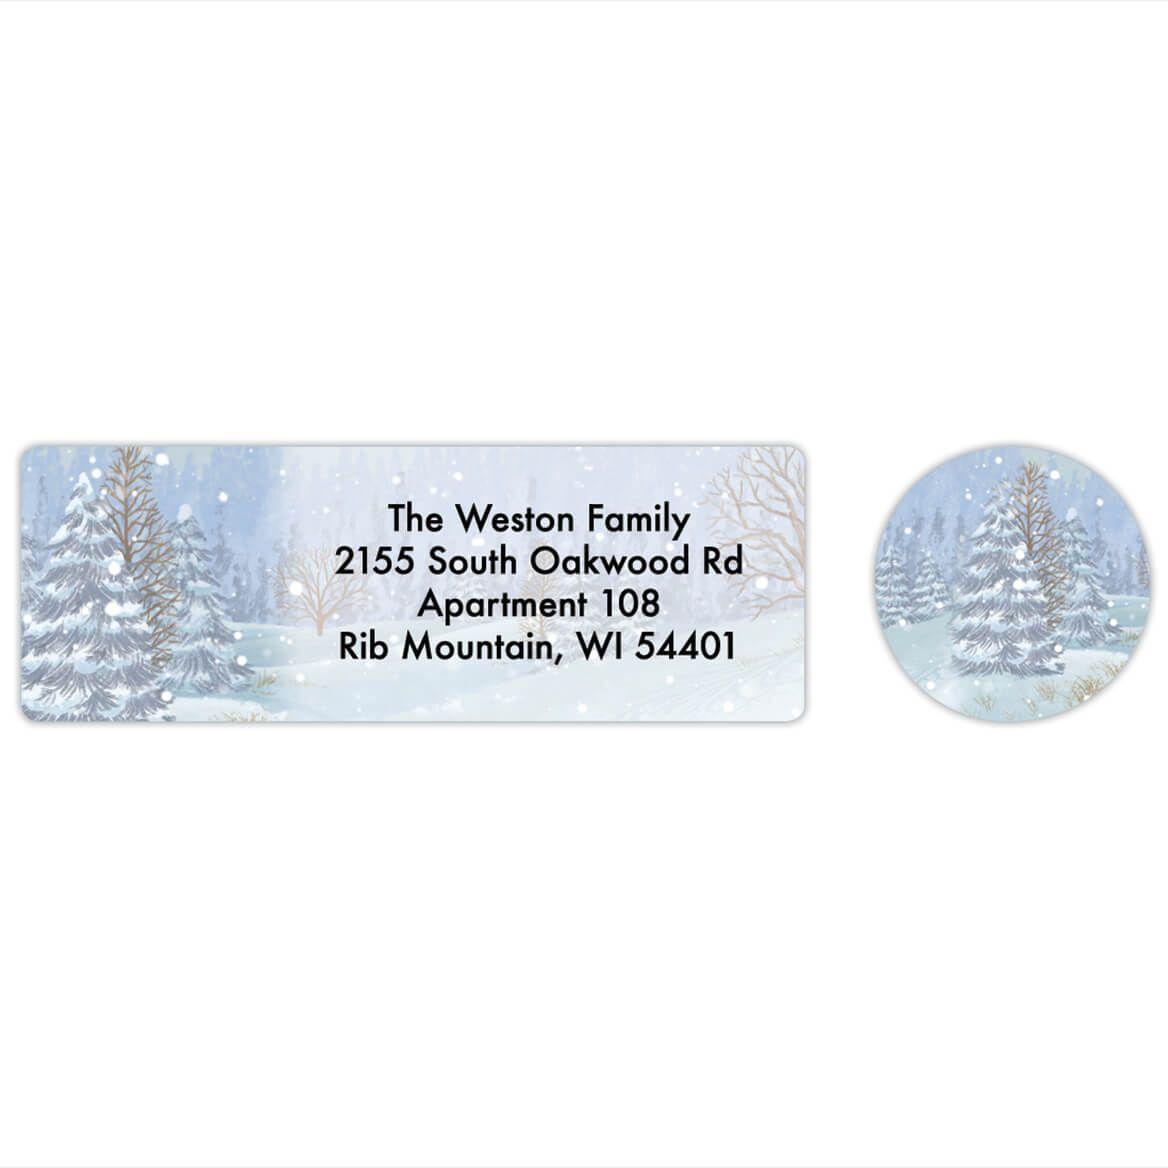 Personalized Four Seasons Calendar Labels & Envelope Seals 20-368267